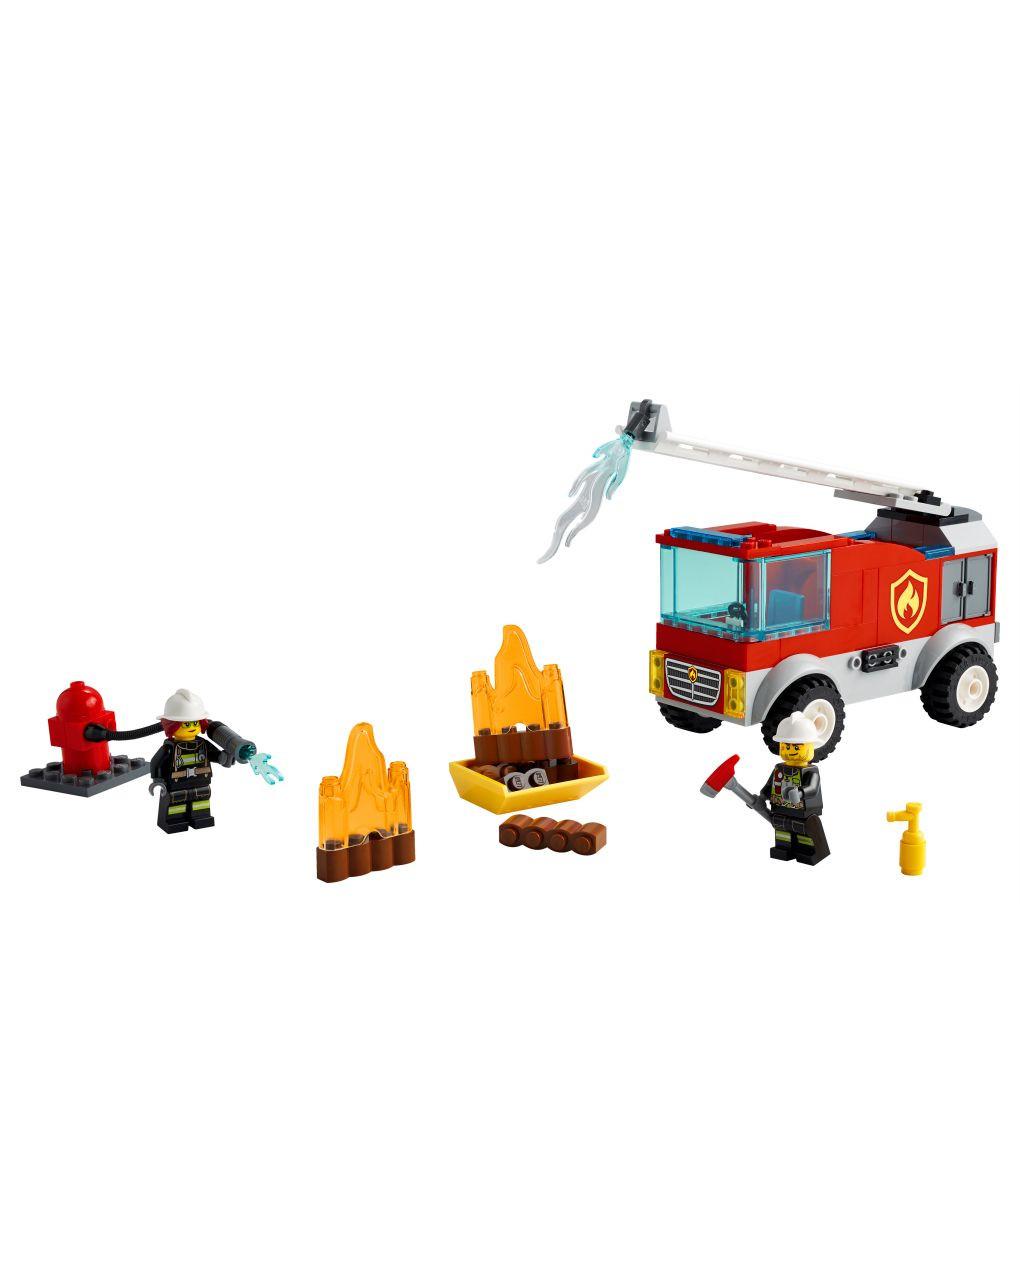 Lego city fire - autopompa con scala - 60280 - LEGO